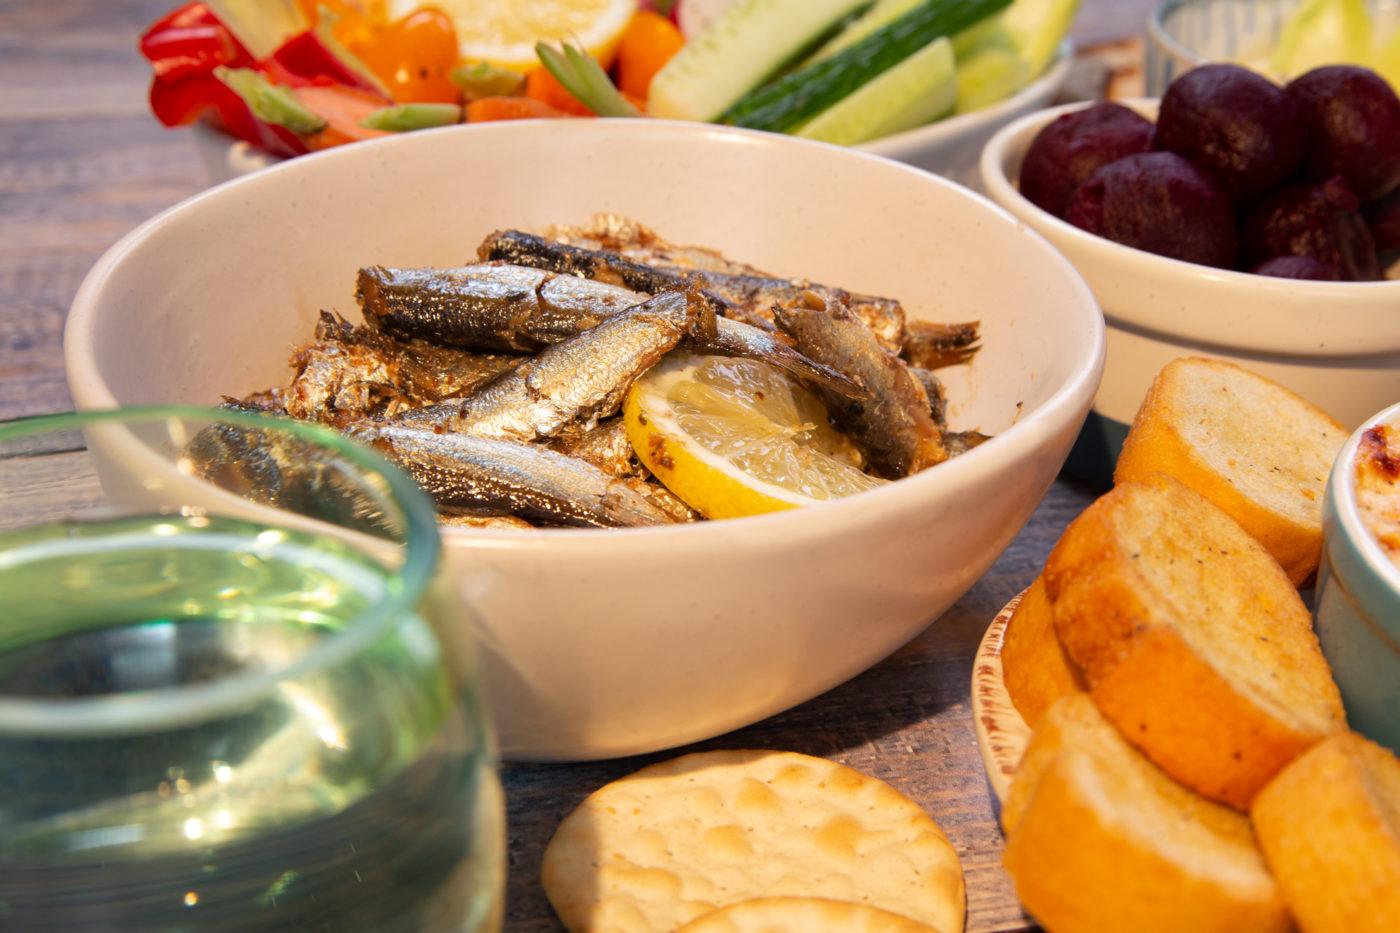 Sardines on Toast with Pickles